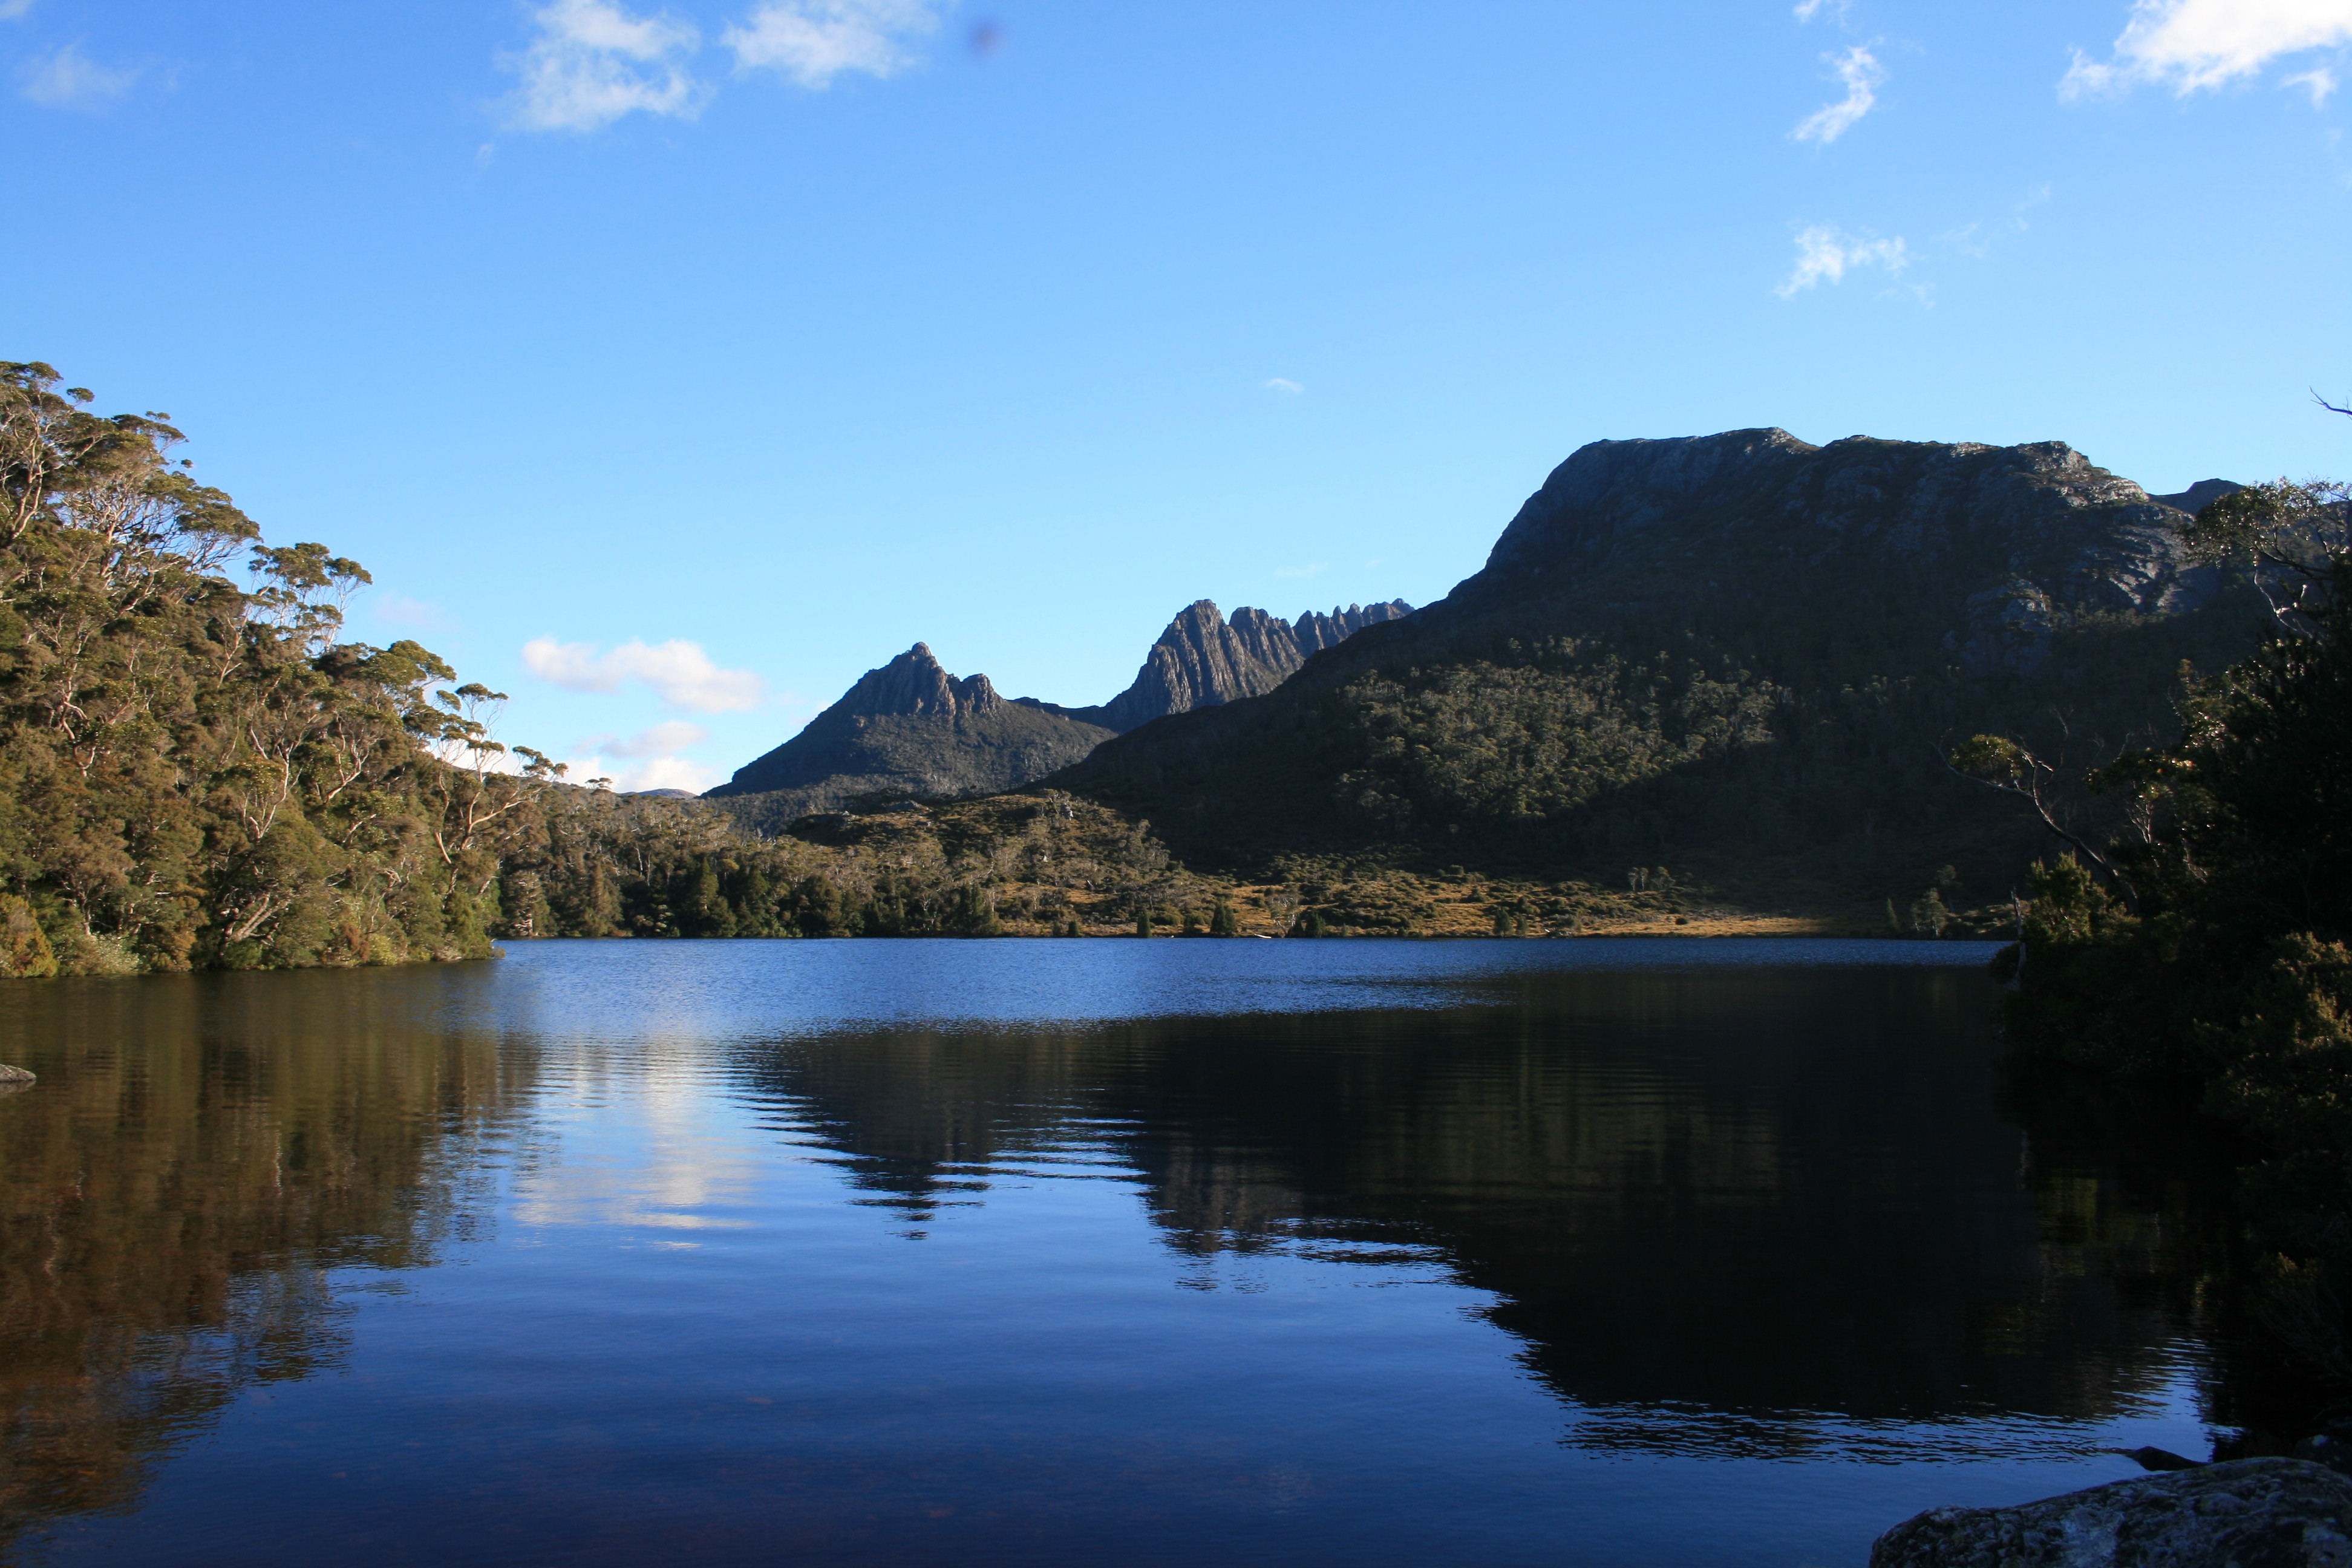 Tasmania Australia - National Park Cradle Mountain